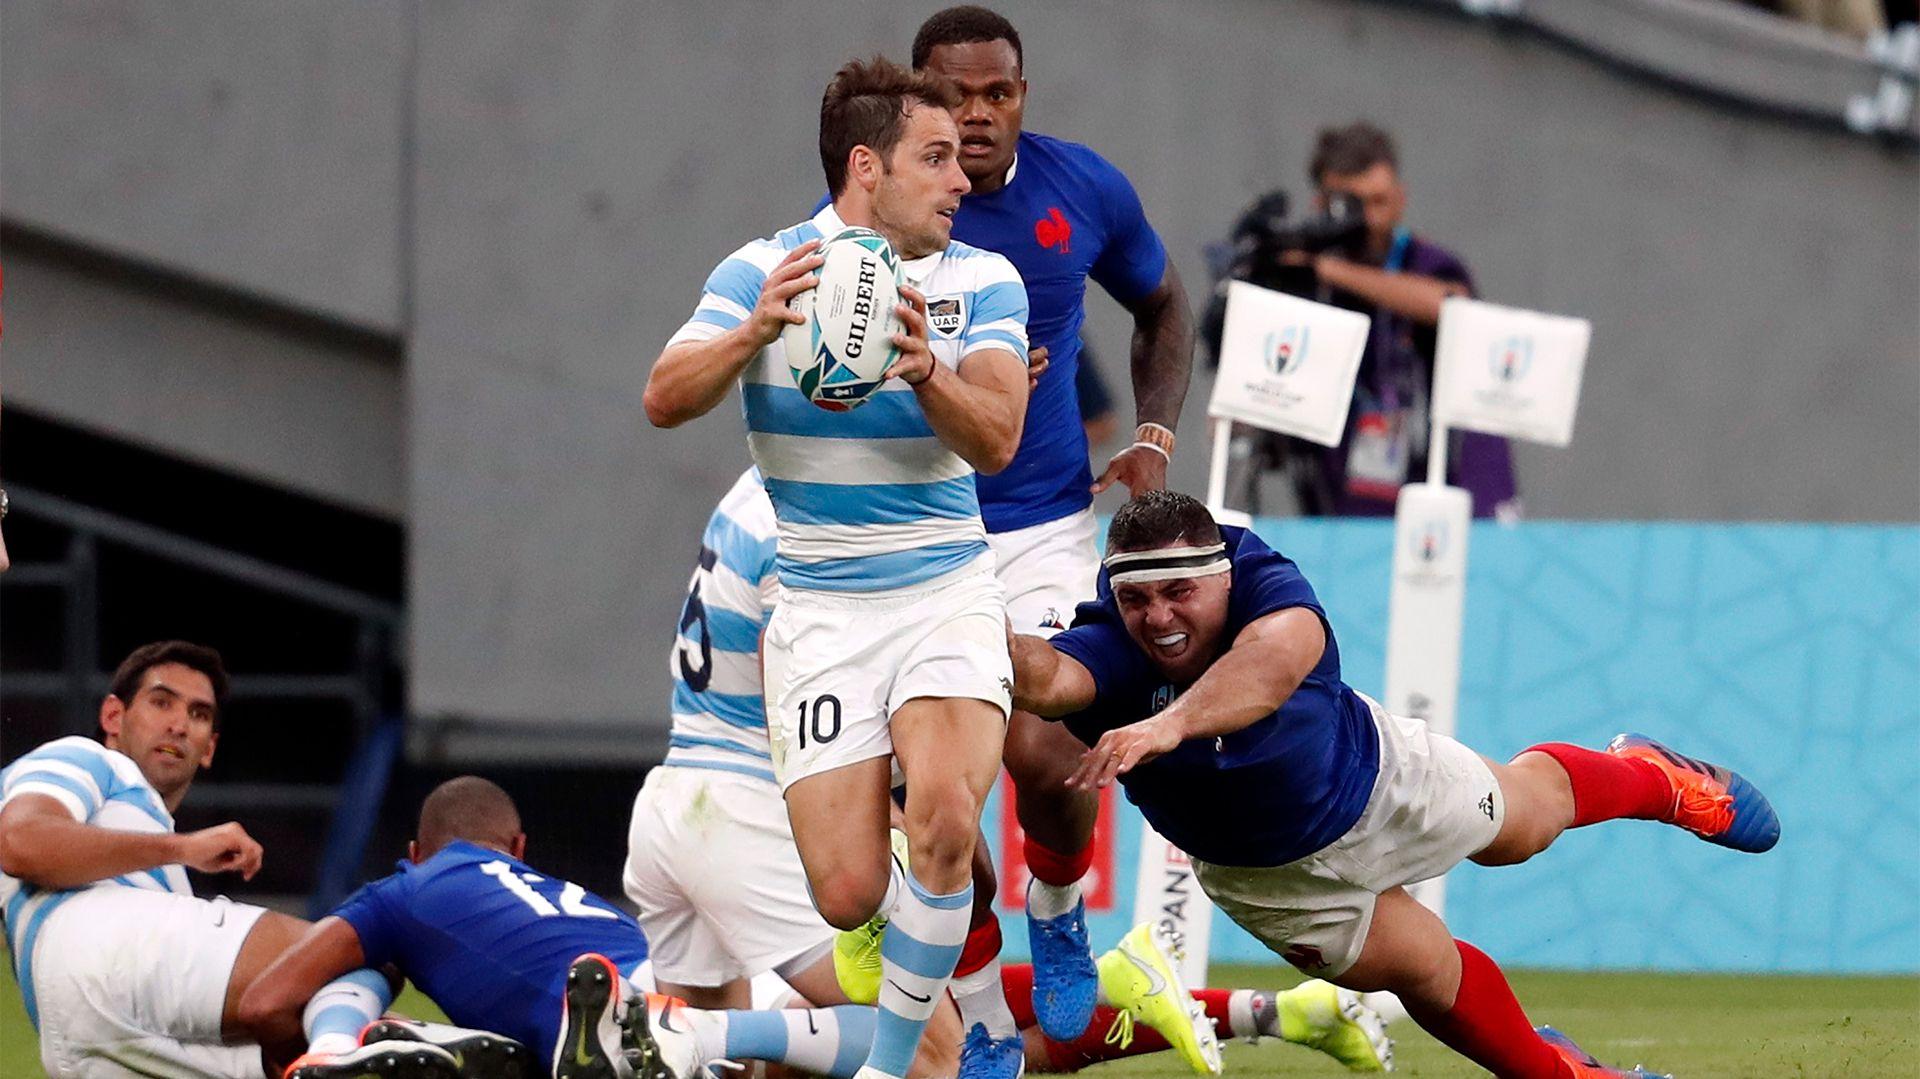 Si bien el nivel de Nicolás Sánchez había sido bajo, para el grupo fue inentendible que el goleador del Mundial anterior ni siquiera haya ido al banco frente a Inglaterra. REUTERS/Matthew Childs